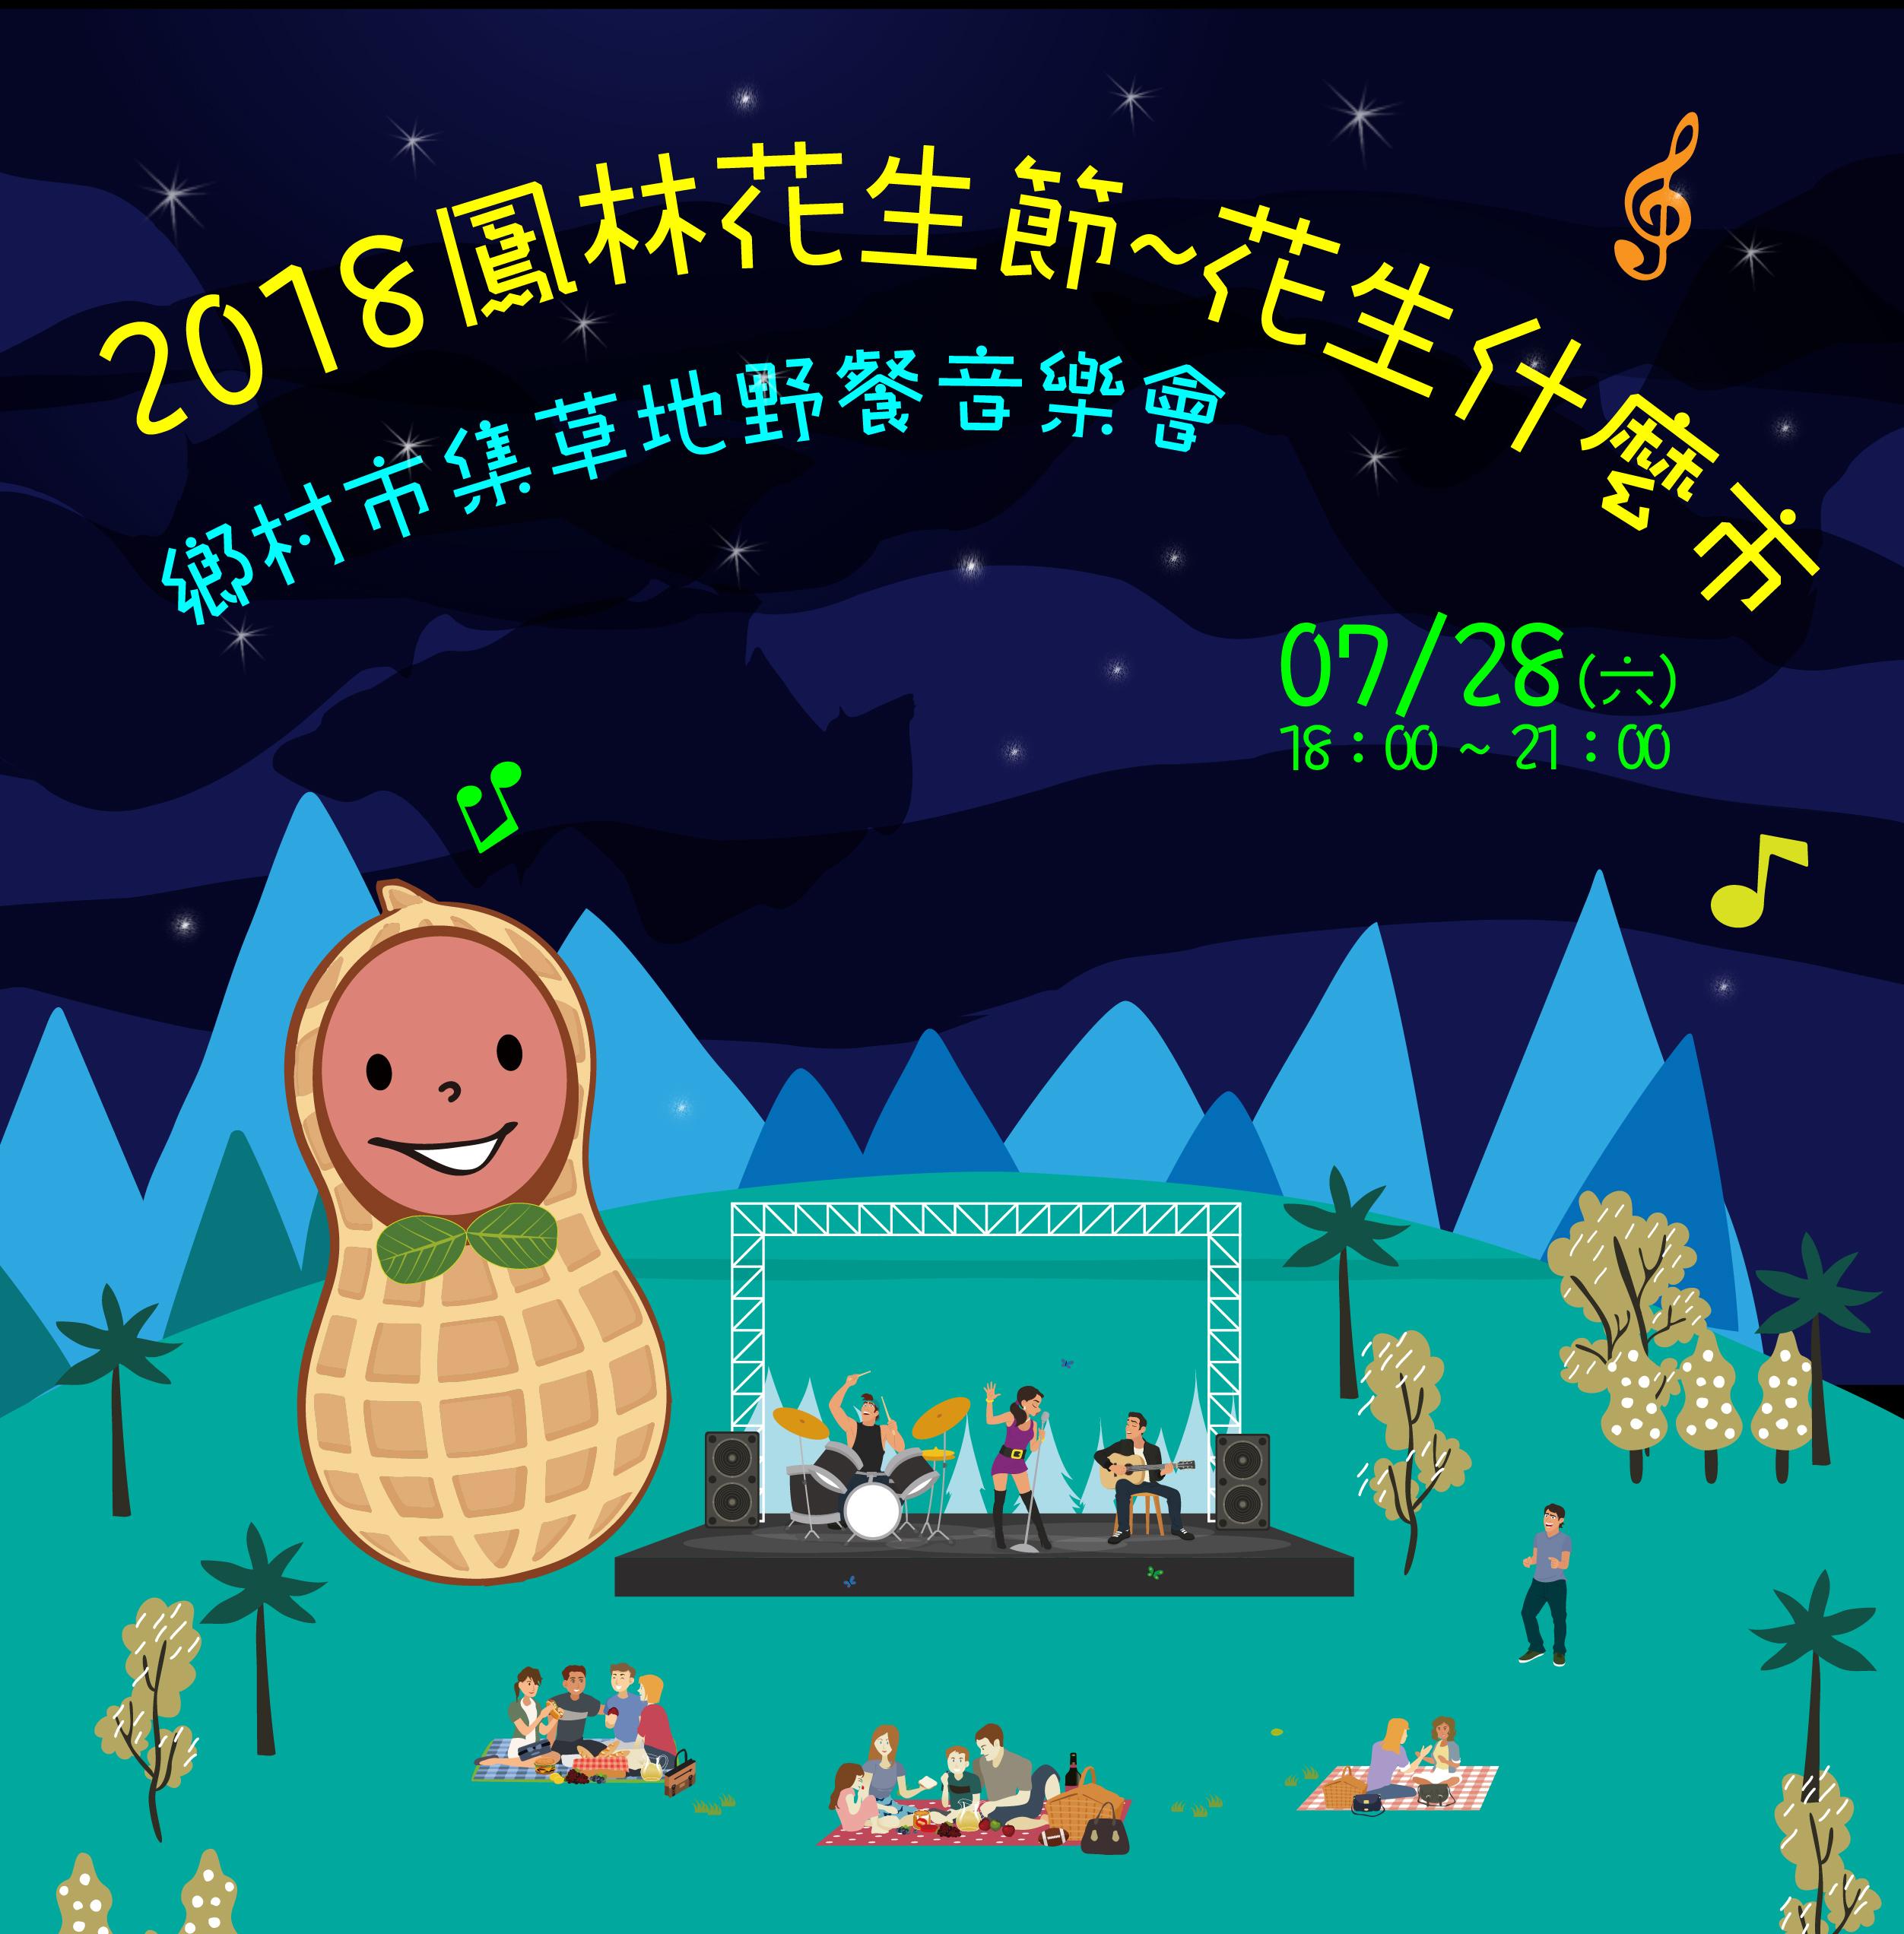 7/28PM3:00【2018 鳳林花生節-花生什麼市】